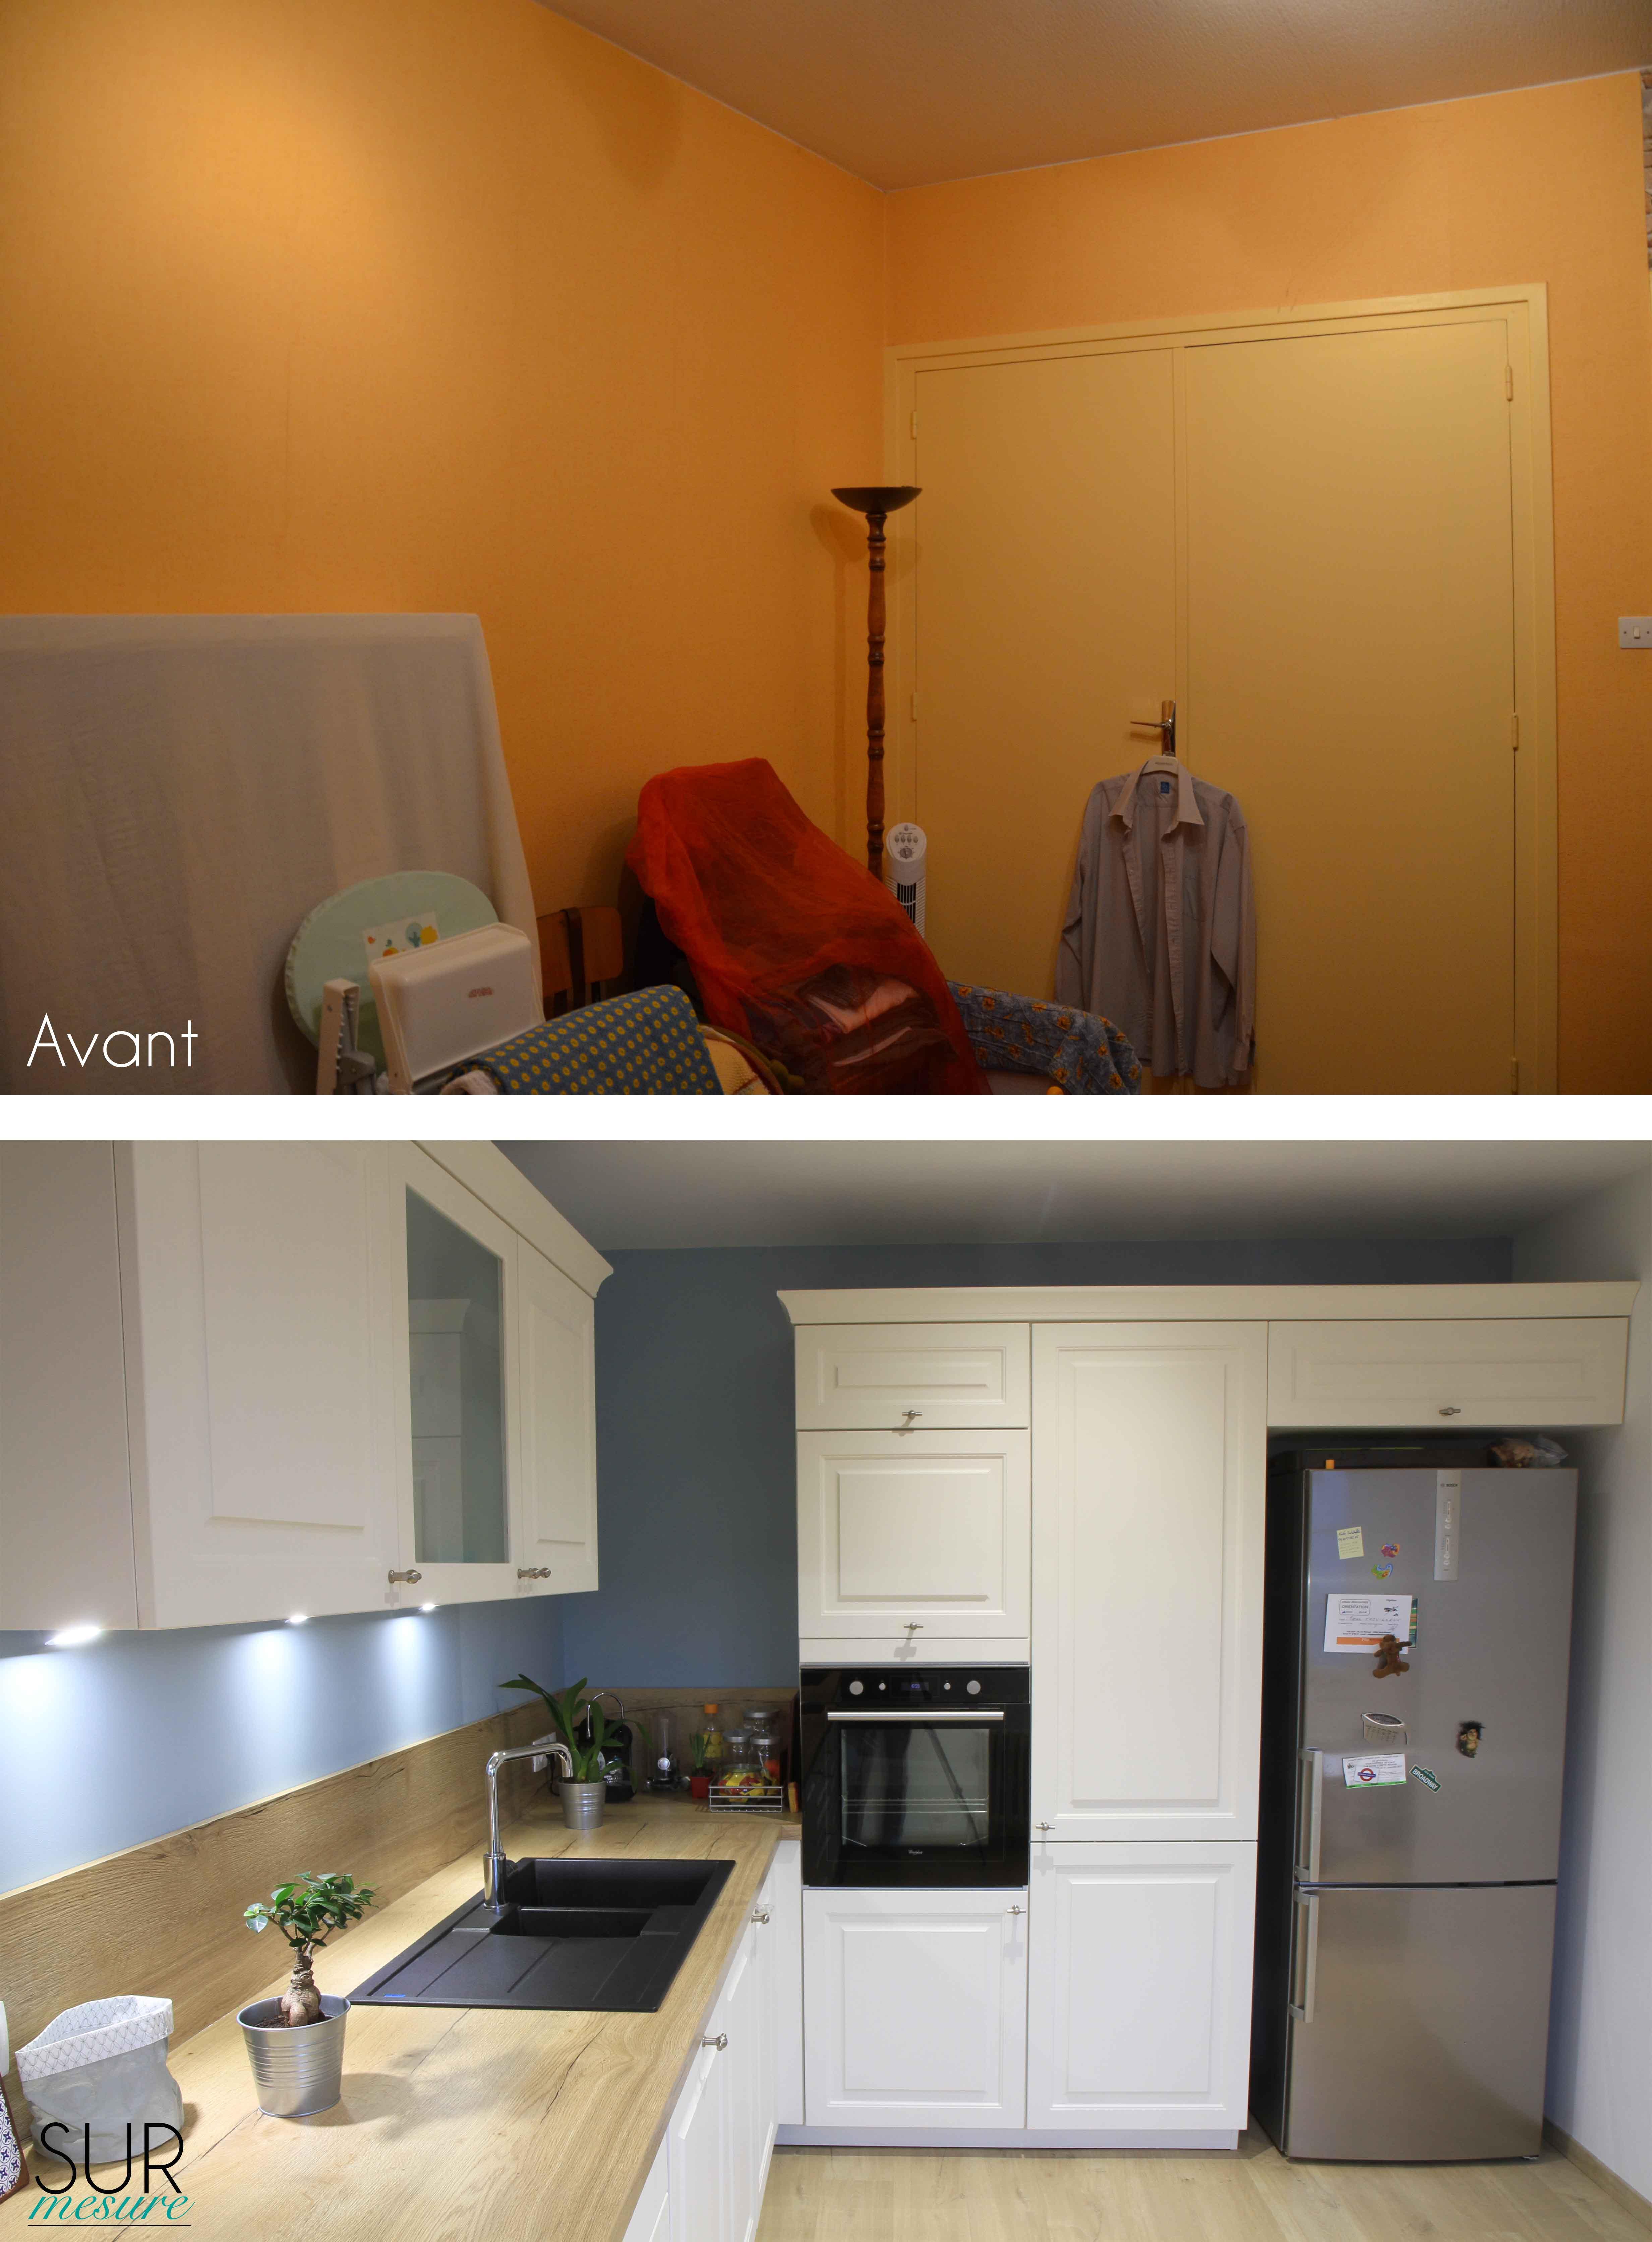 La cuisine avant/après